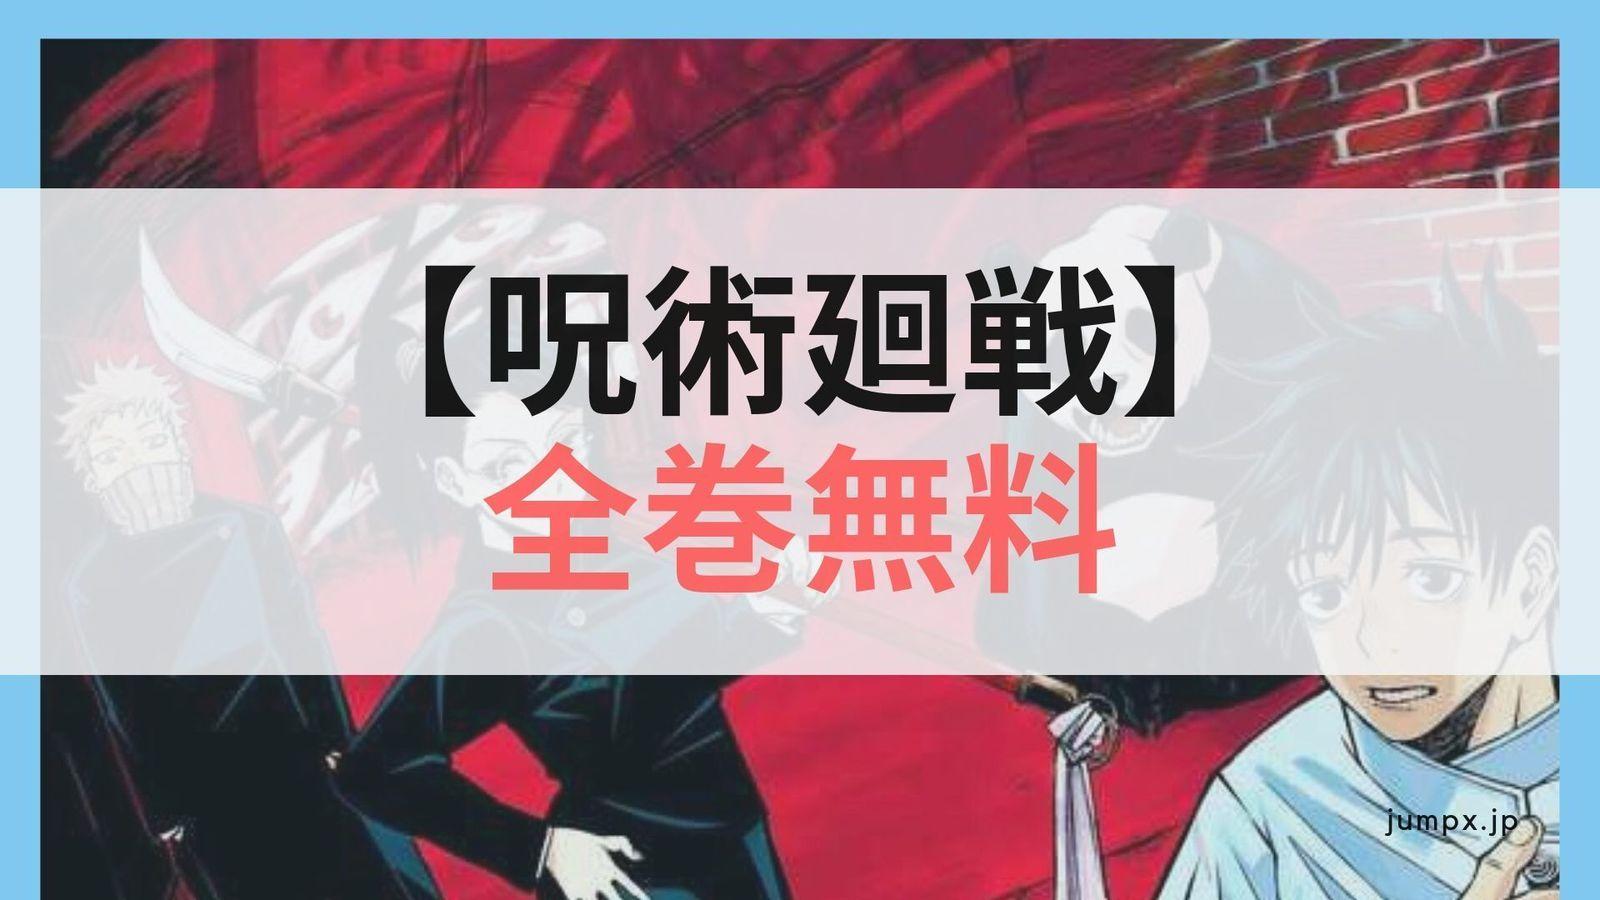 0 戦 巻 無料 呪術 廻